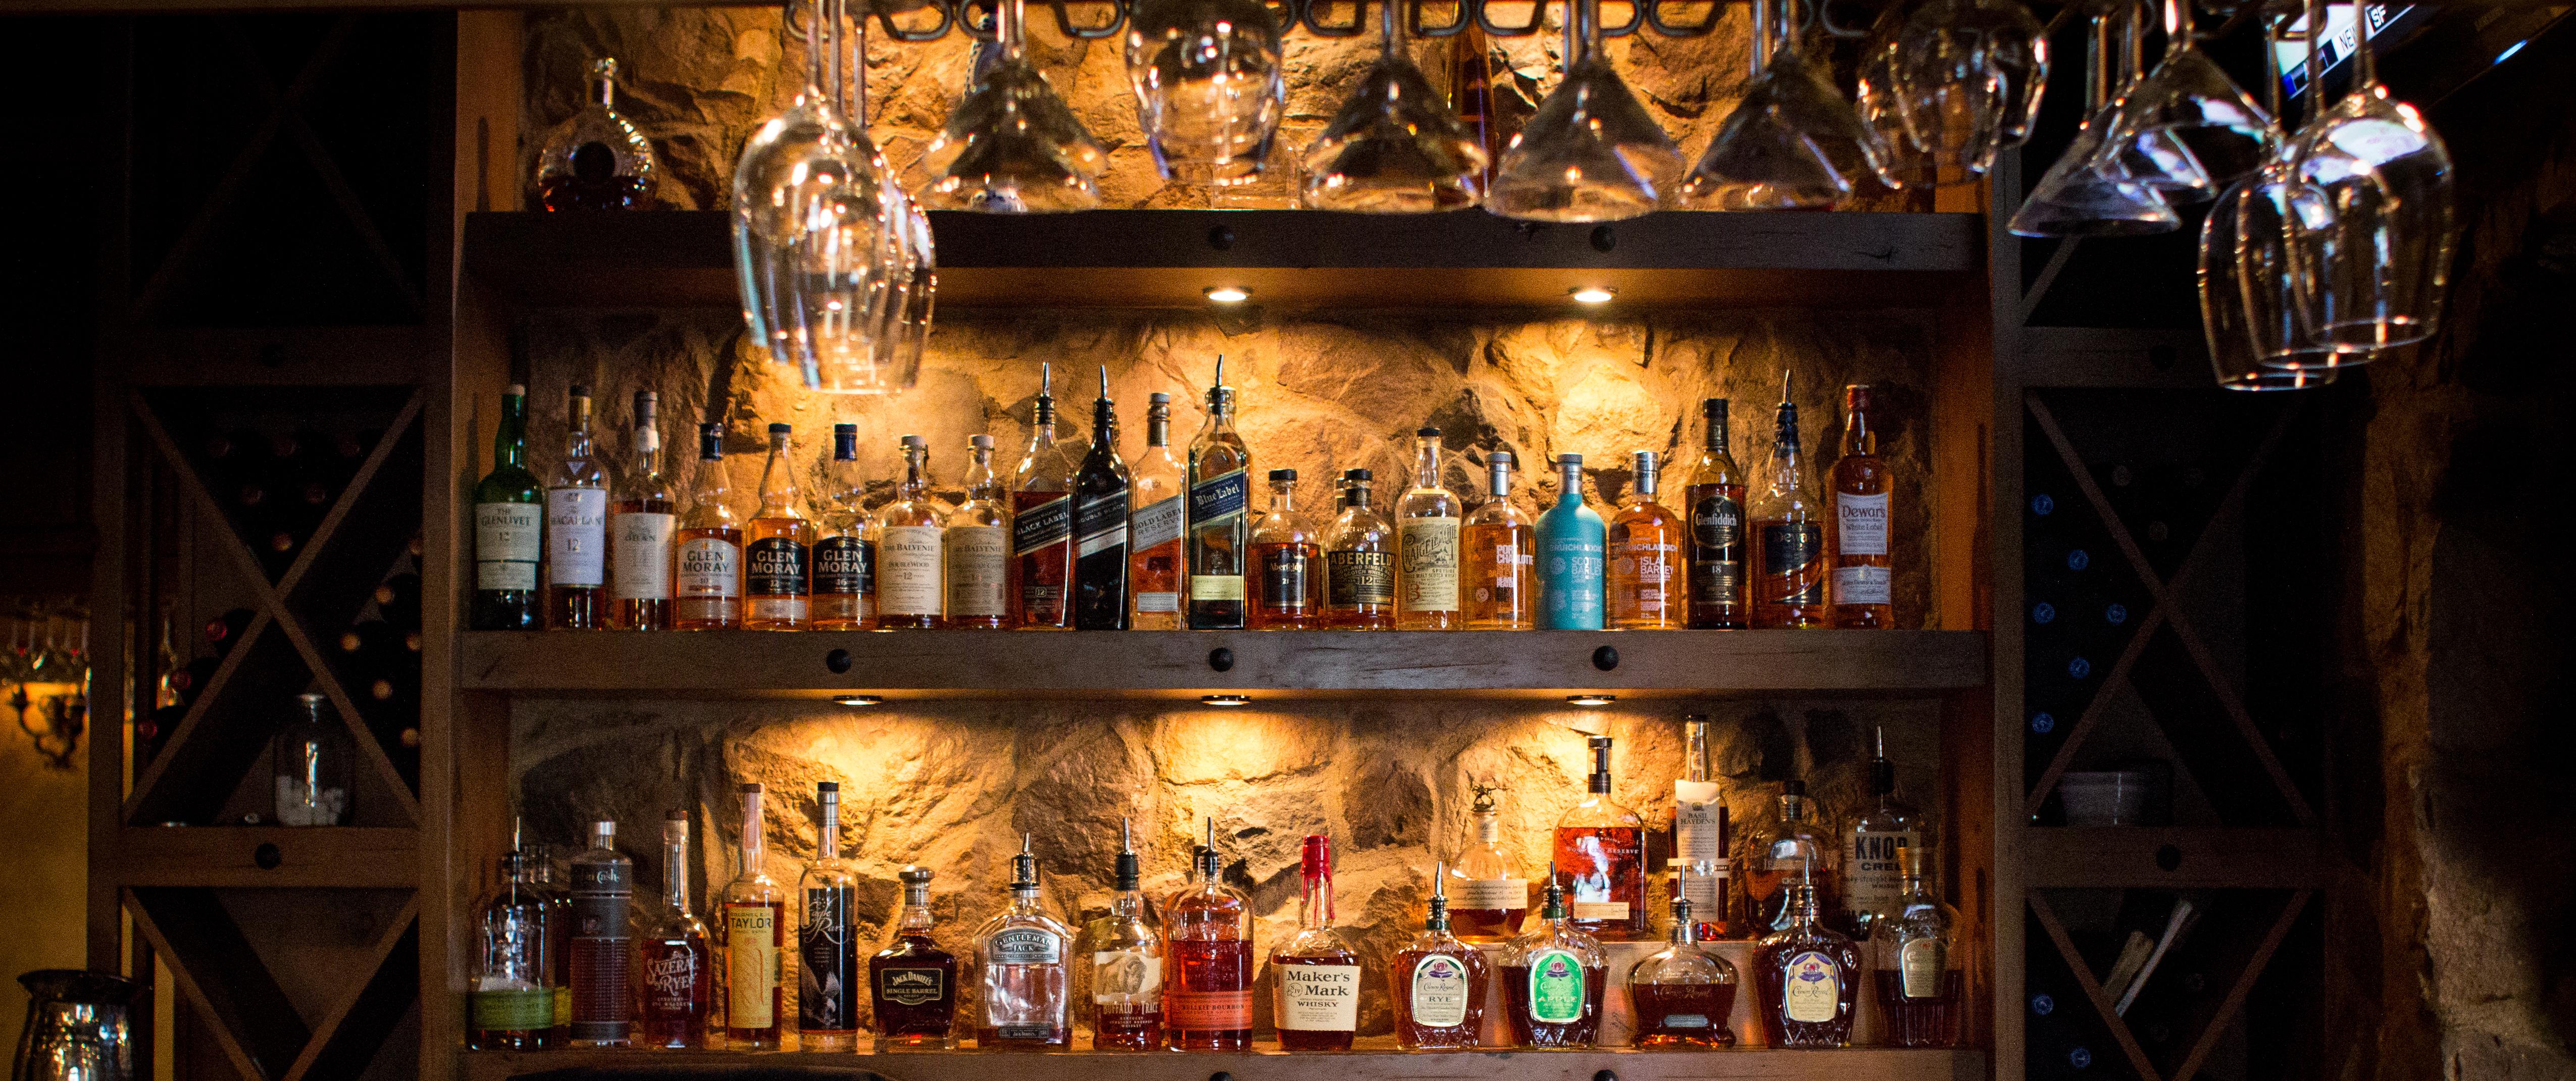 bottles-shelf1